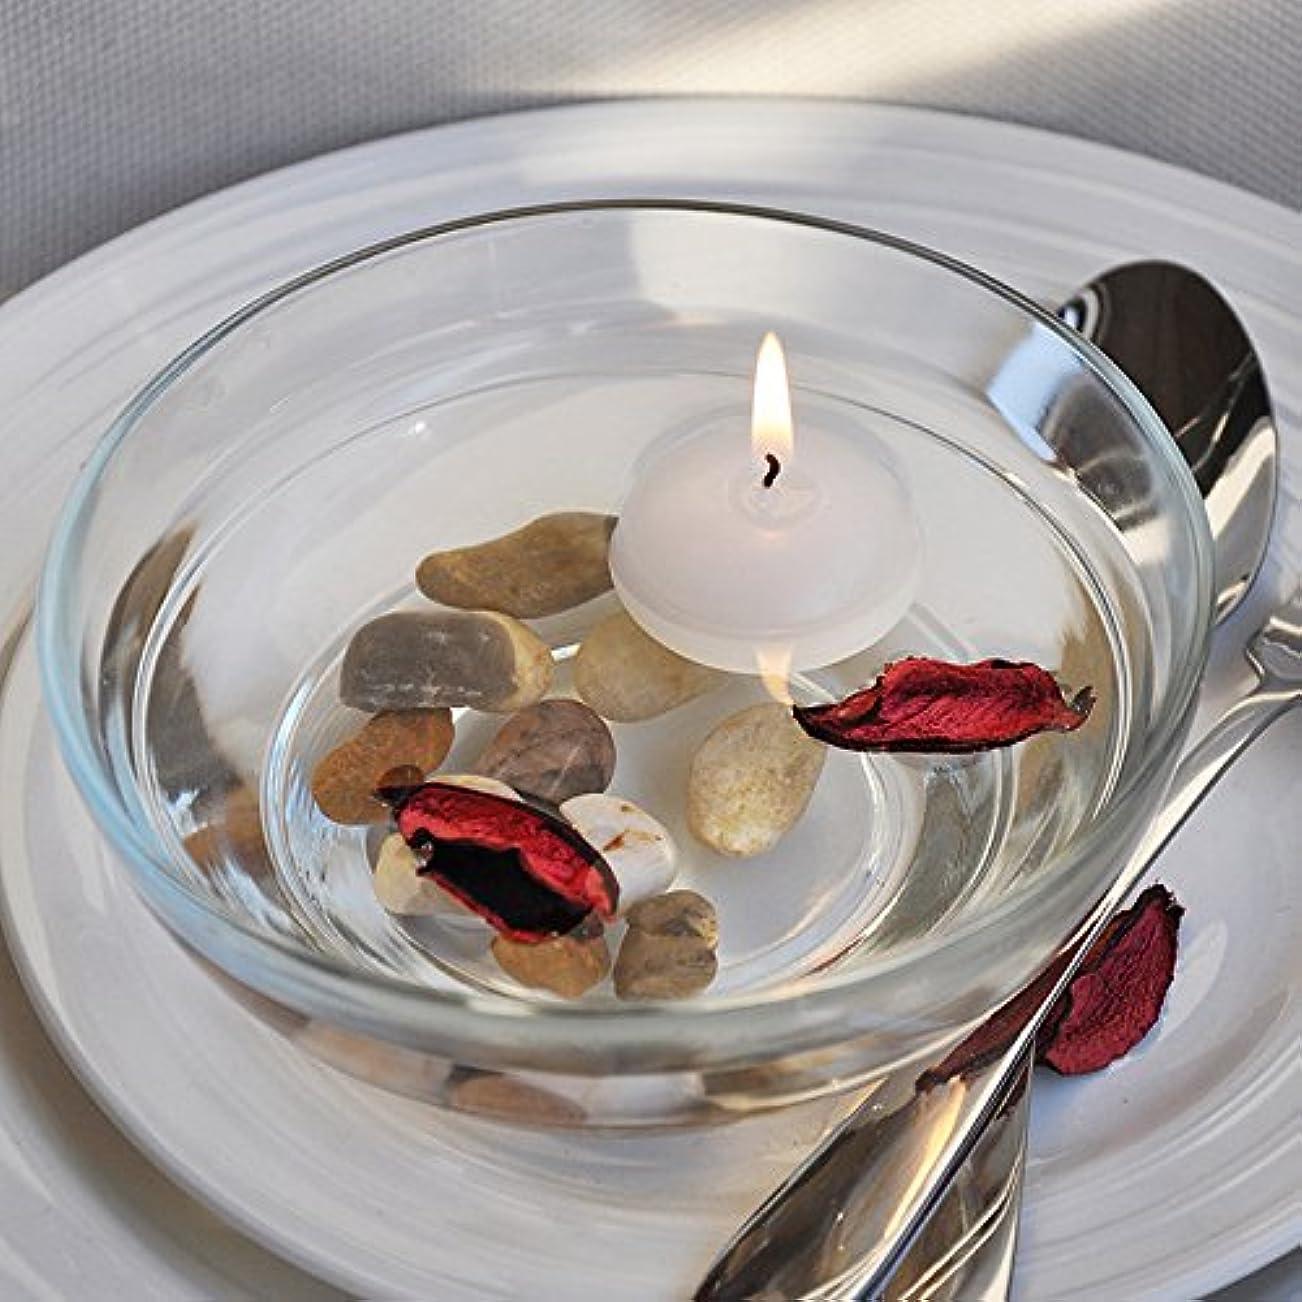 アイドルボックス混沌熱い販売10ピース/ロット小さな無香料フローティングキャンドル用ウェディングパーティーホームデコレーションキャンドル-Ivory